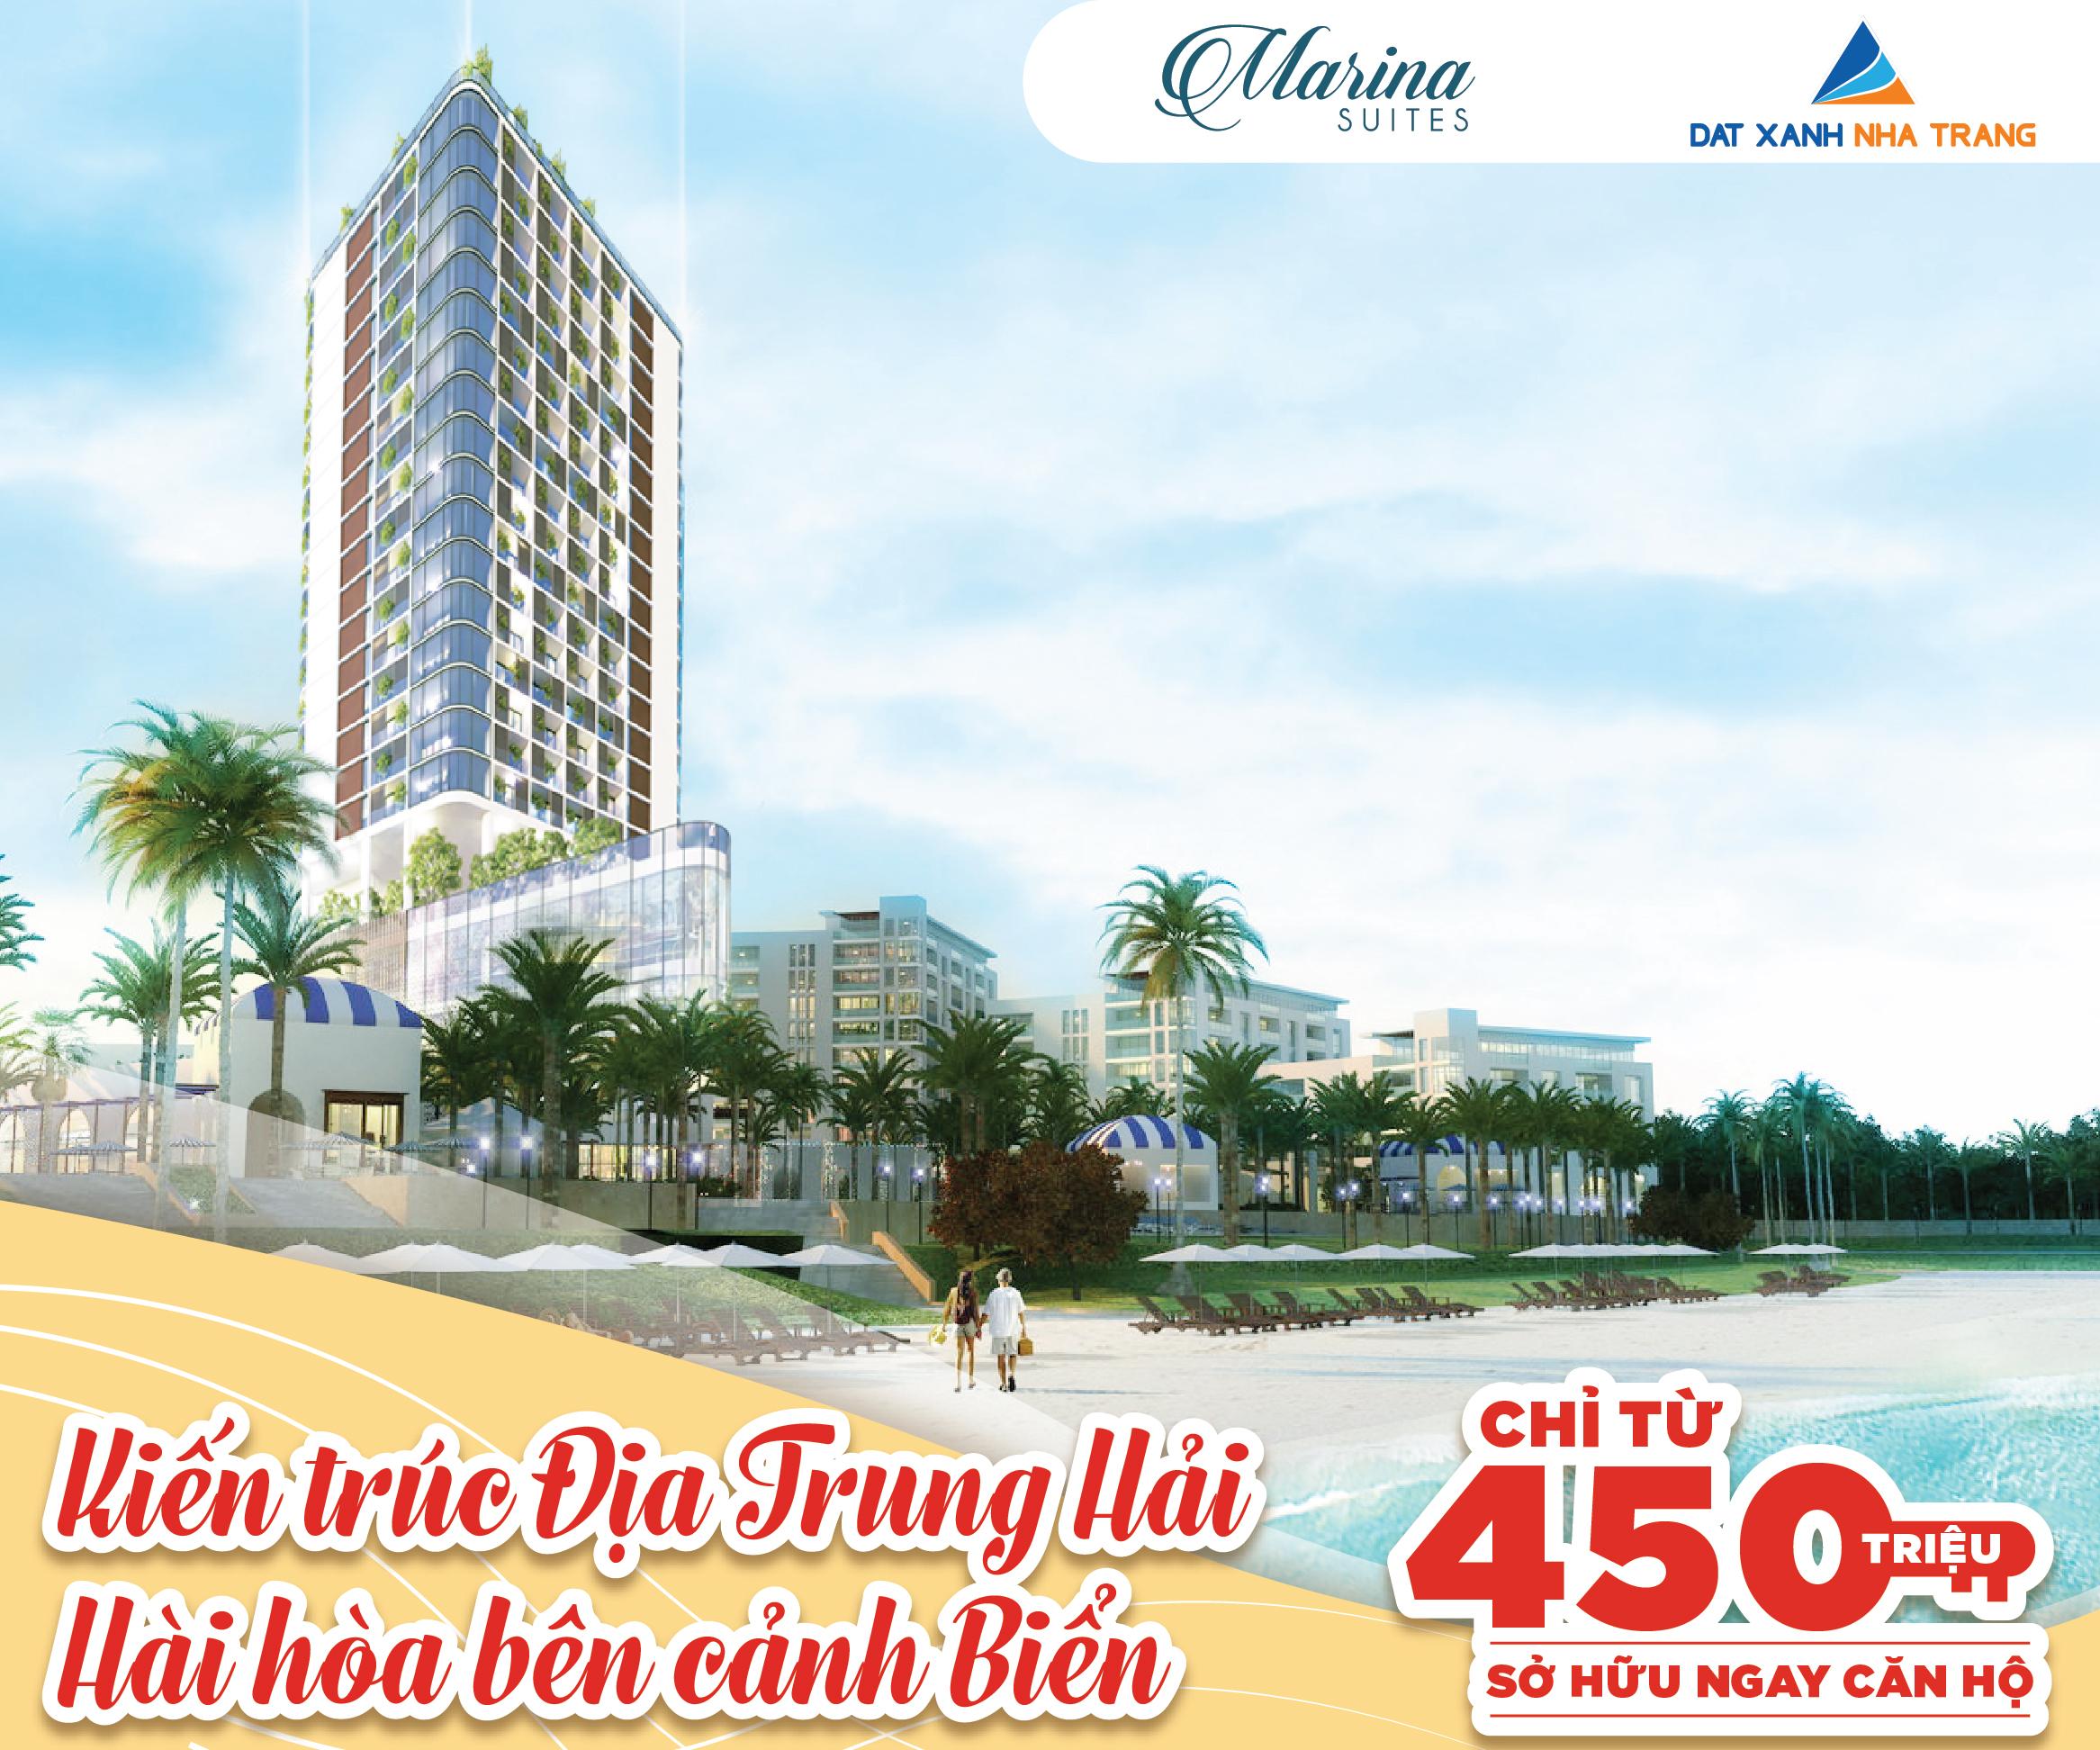 Marina Suites -Thiên đường du lịch nghĩ dưỡng Nha Trang-Chỉ 30 triệu/m2